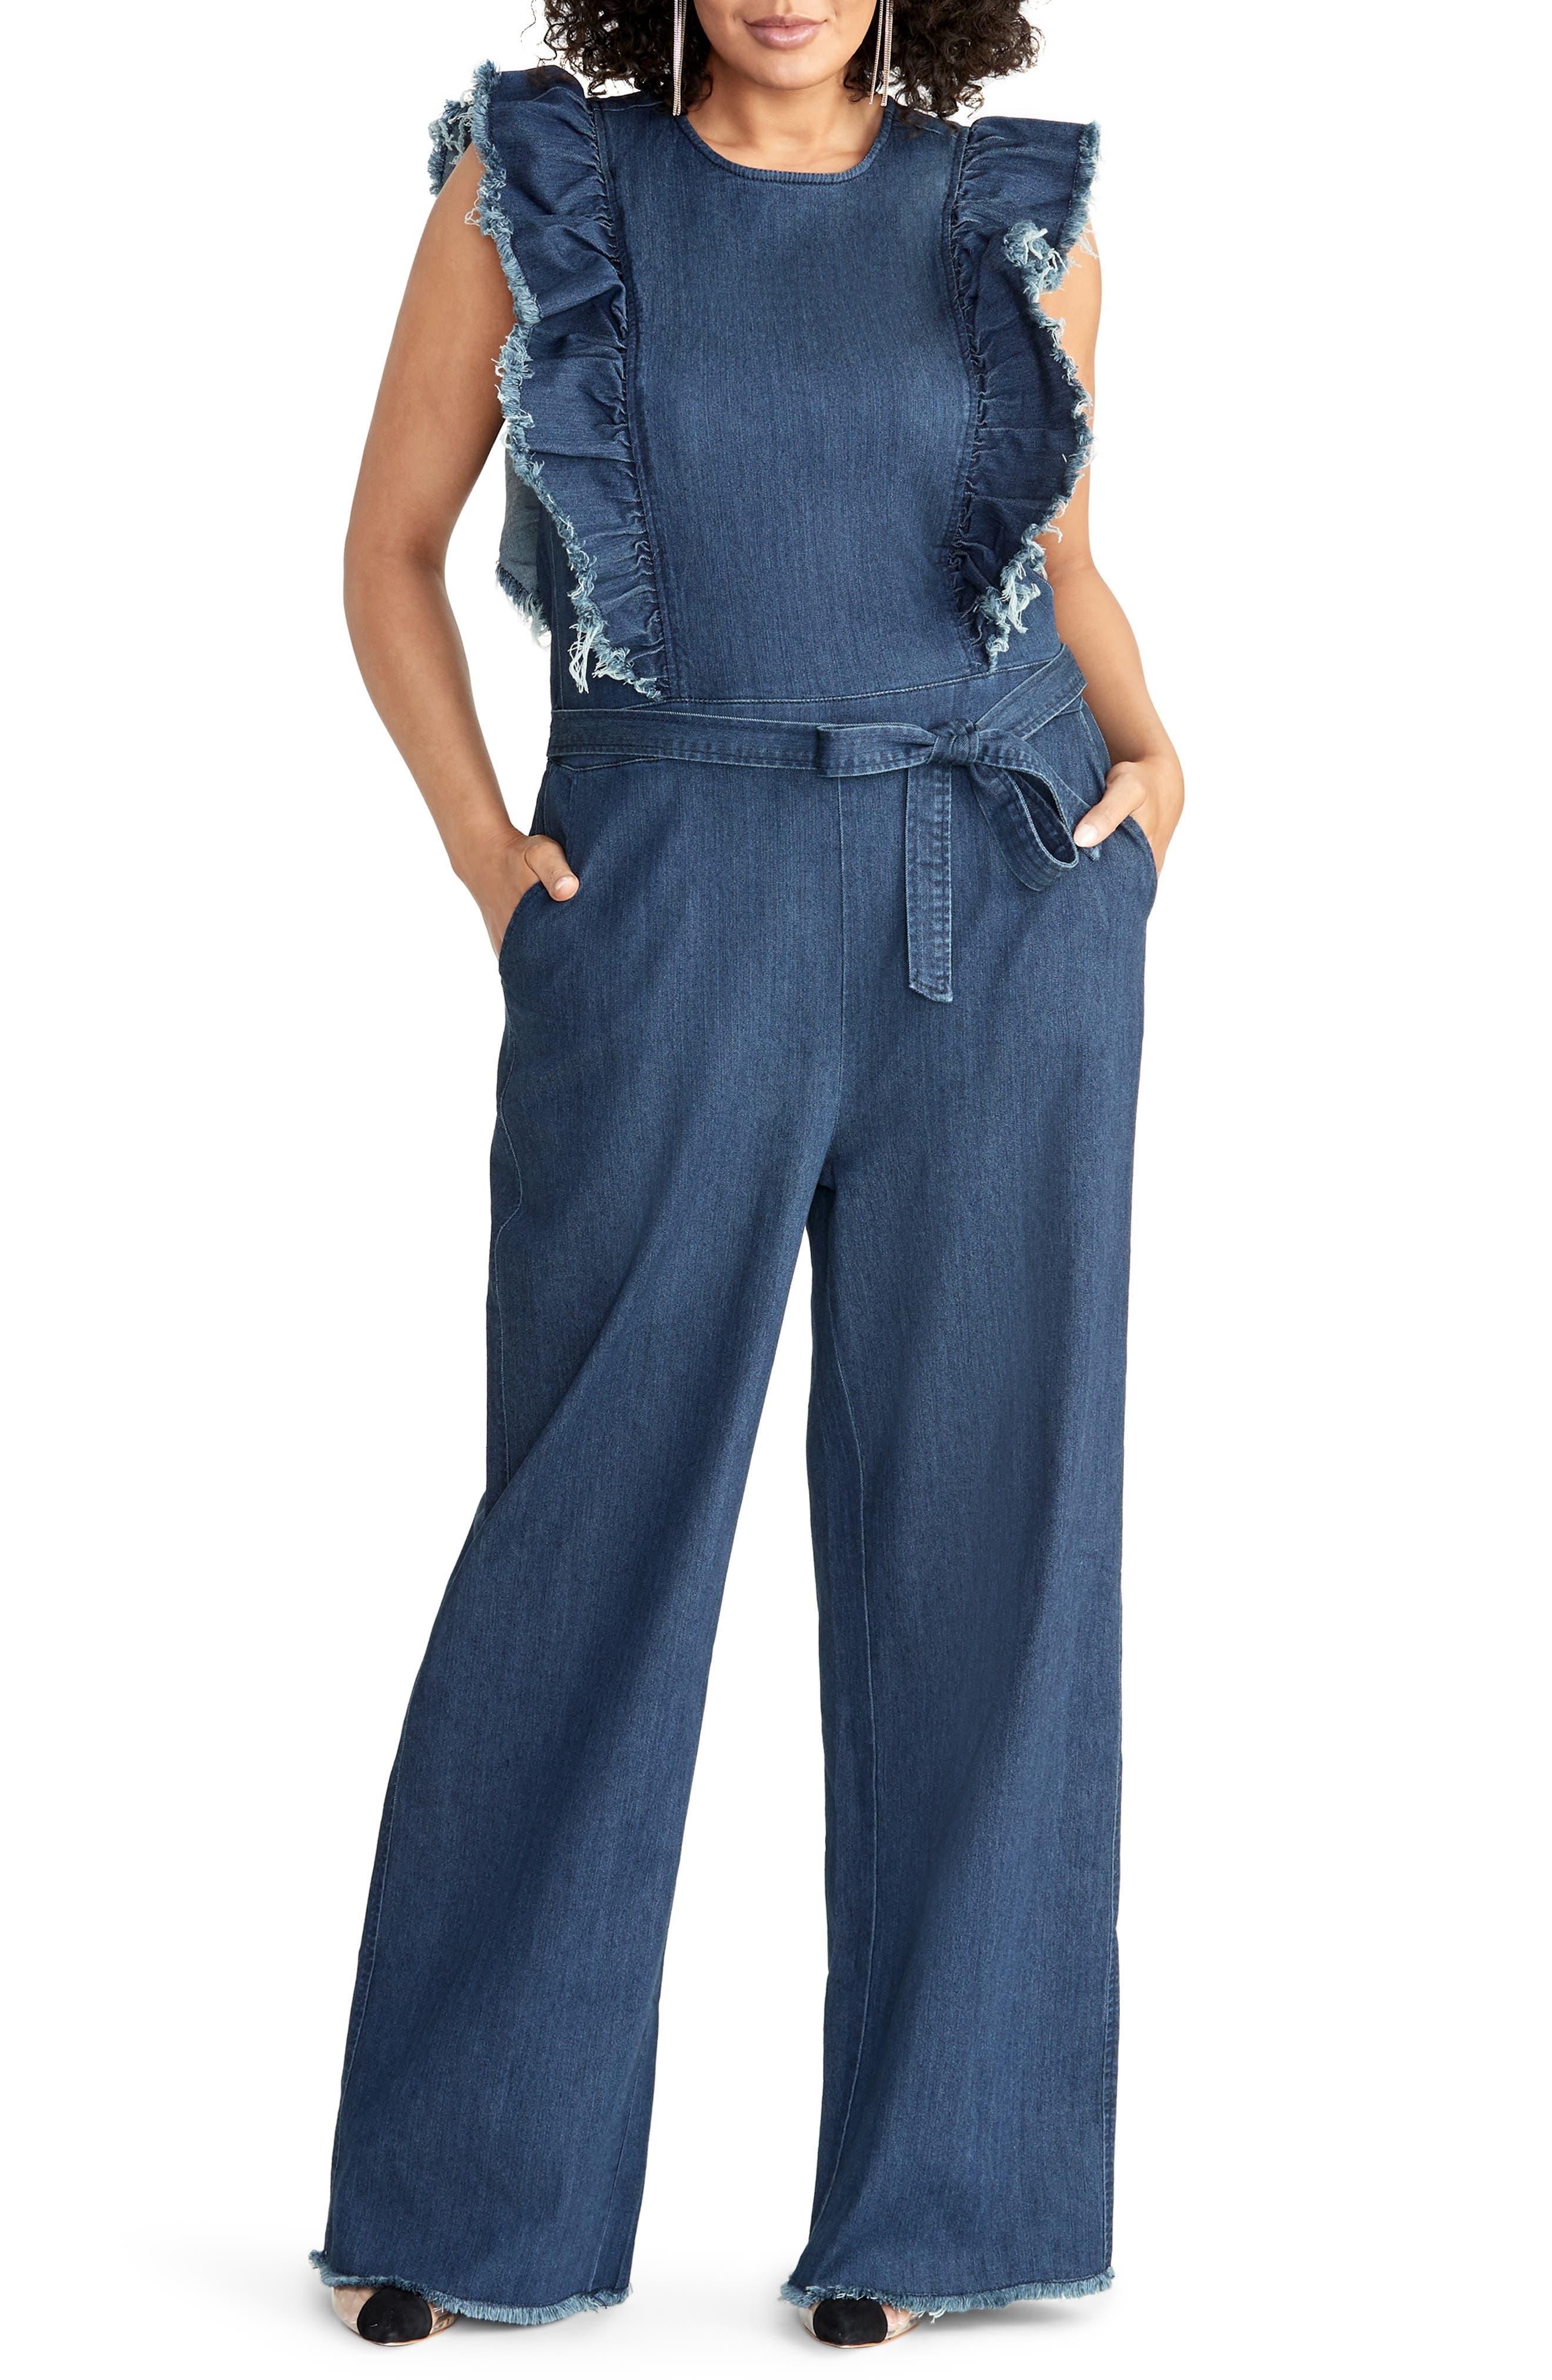 70s Jumpsuit | Disco Jumpsuits – Sequin, Striped, Gold, White, Black Plus Size Womens Rachel Rachel Roy Nikita Ruffle Denim Jumpsuit $179.00 AT vintagedancer.com